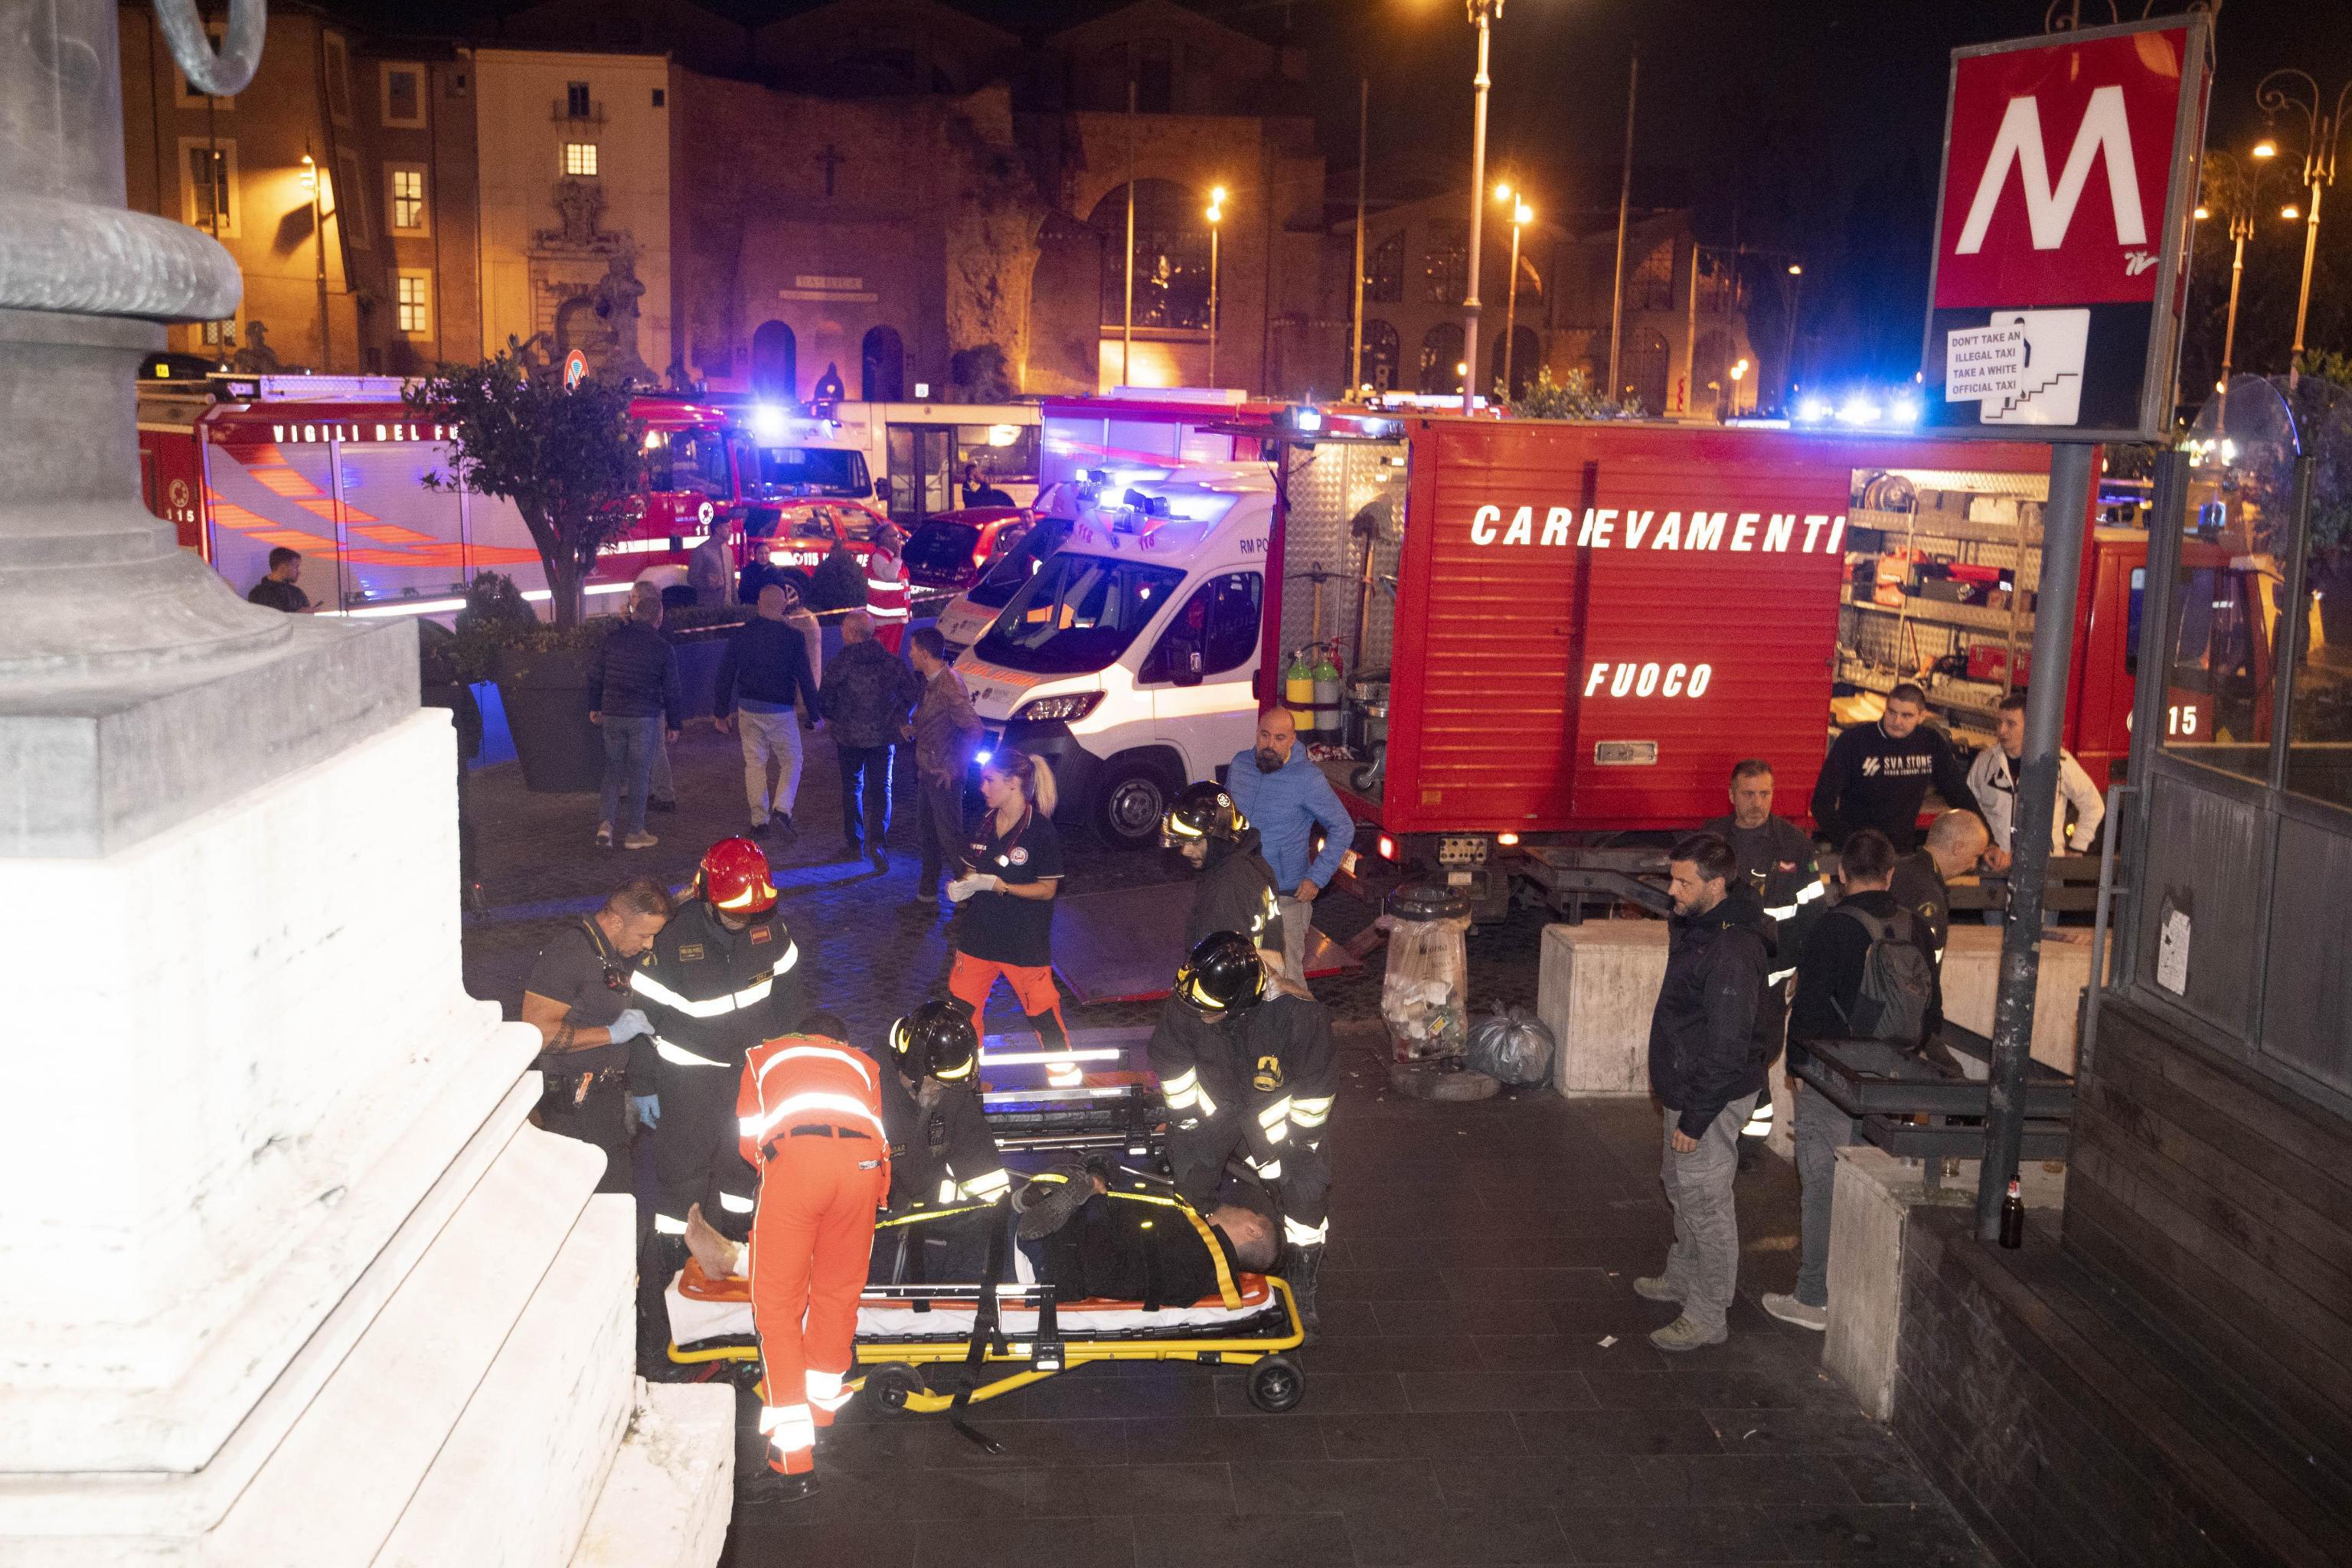 RIM Više ljudi ozlijeđeno u nesreći s pokretnim stepenicama u metrou